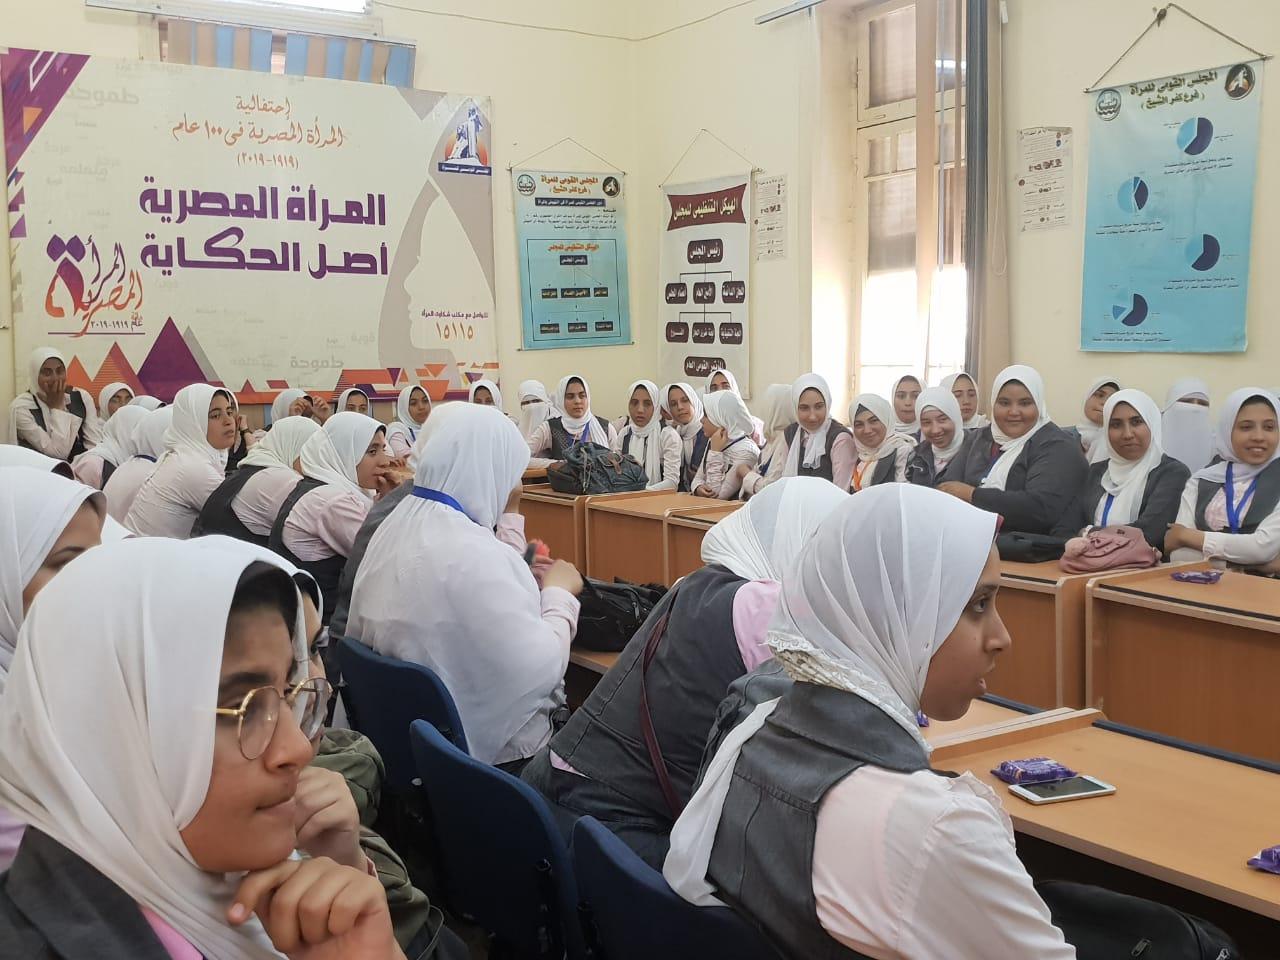 جانب من ندوة فرع المجلس القومي للمرأة بكفر الشيخ عن ختان الاناث  (6)